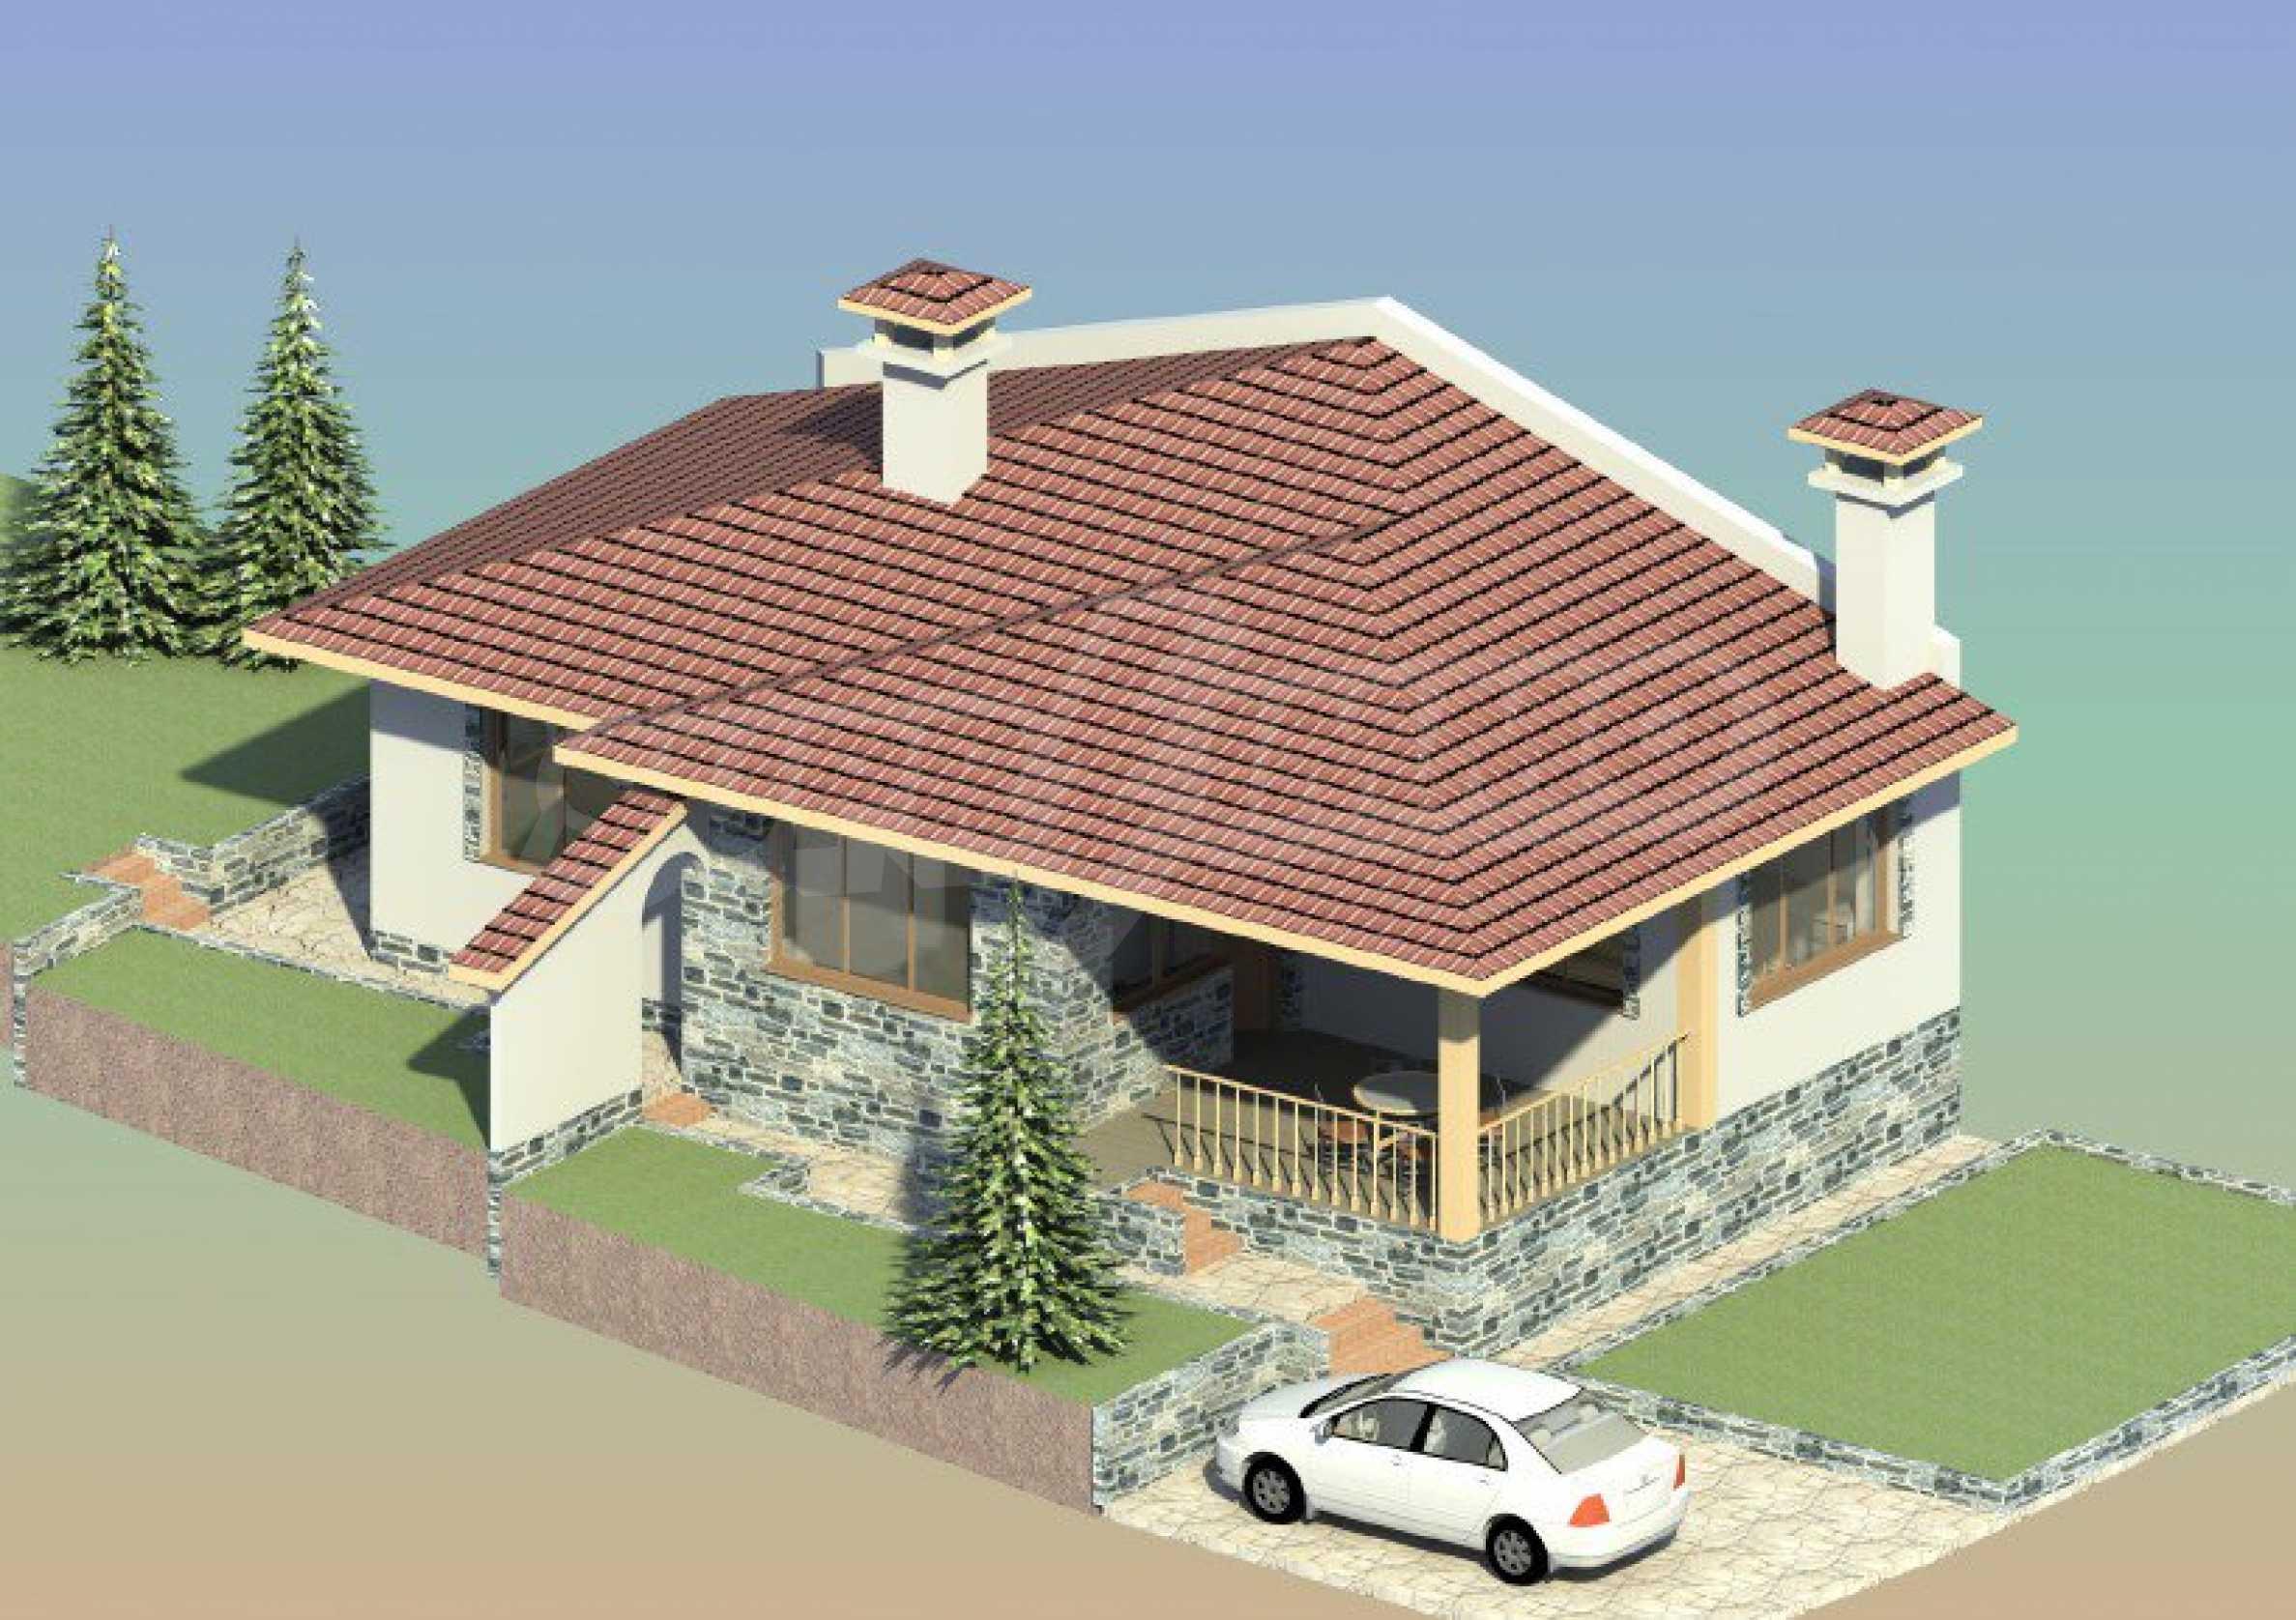 Grundstück zum Verkauf auf dem Balkan 4